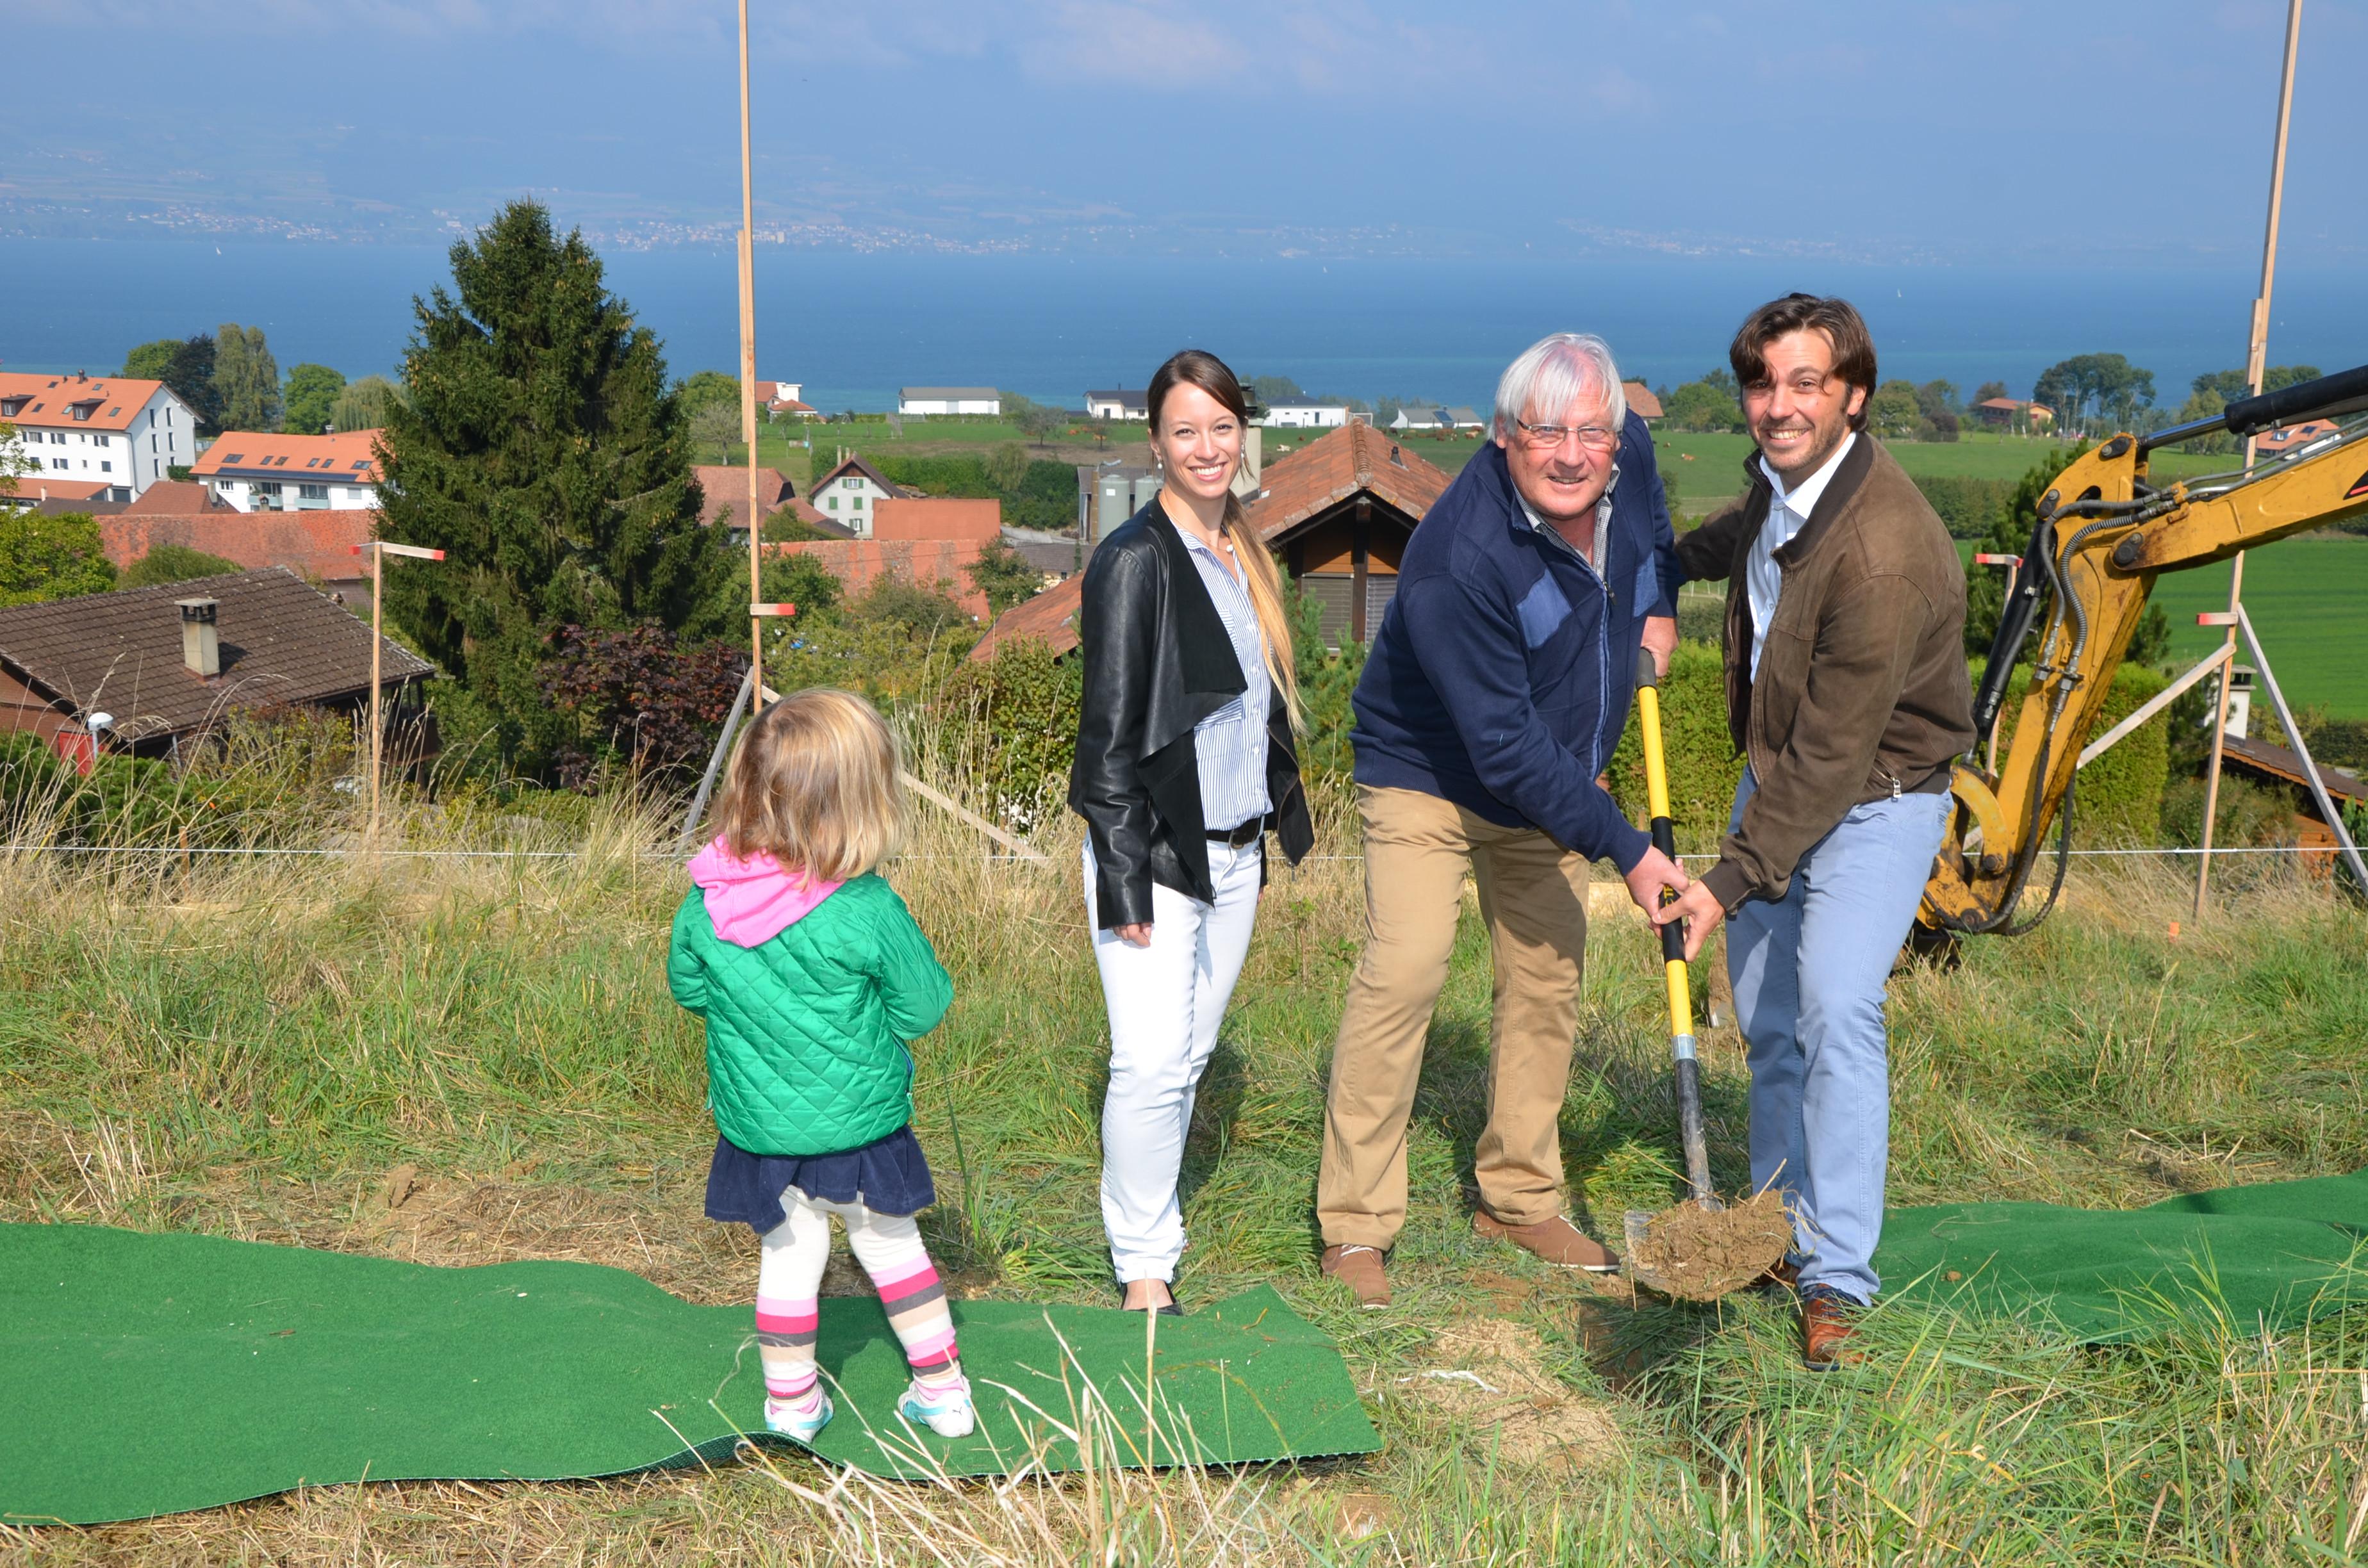 De gauche à droite: Alix, Corinne Décosterd, Claude Droz, Marc Muller